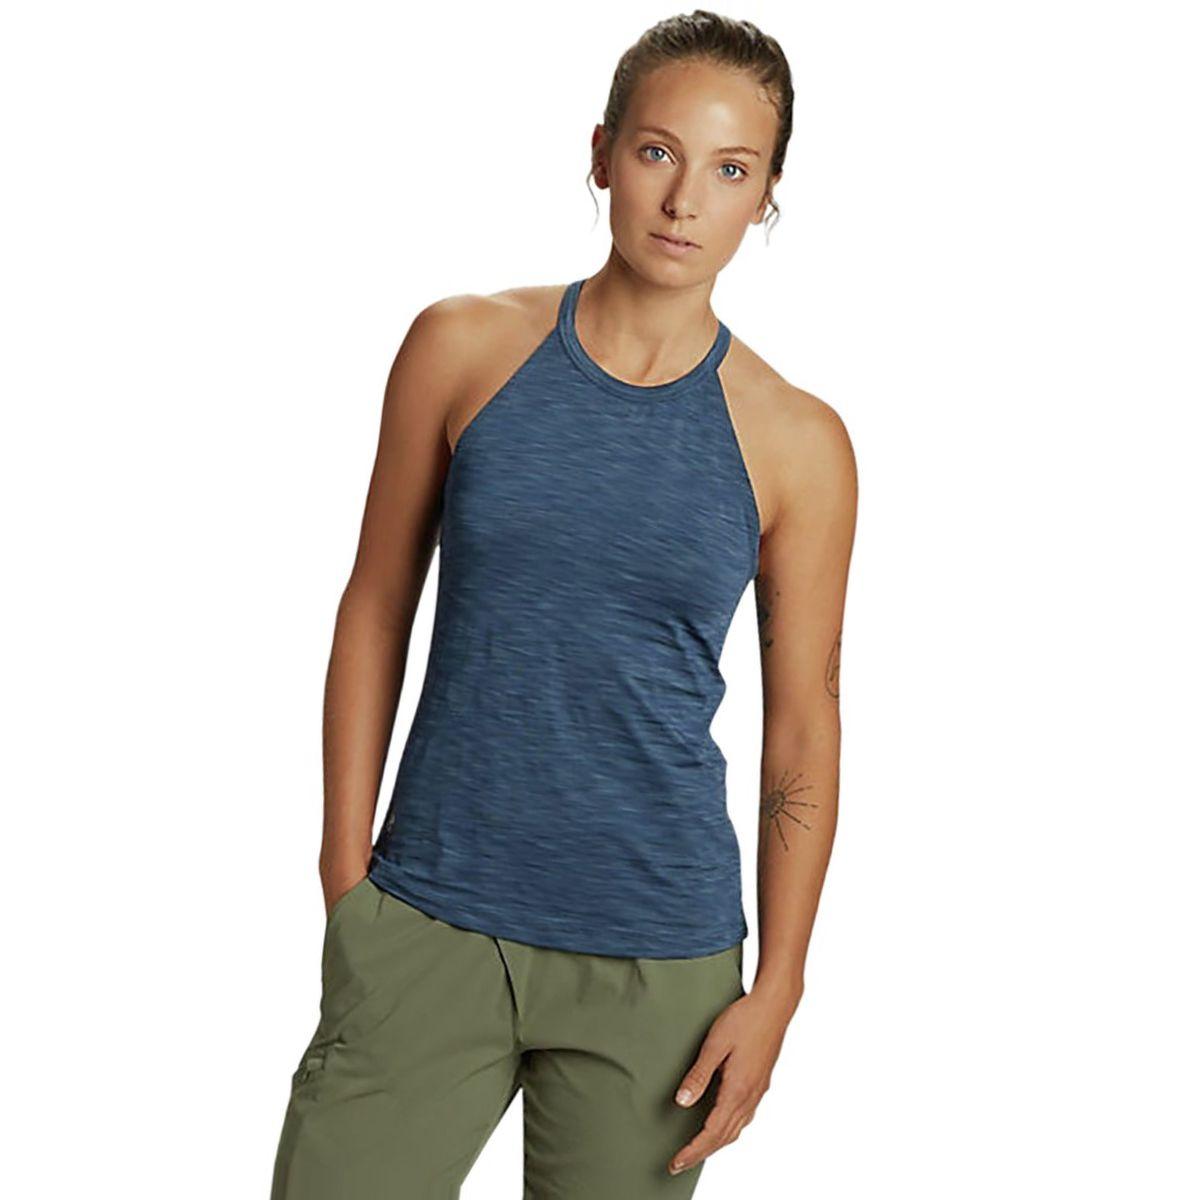 Mountain Hardwear Mighty Stripe Tank Top - Women's